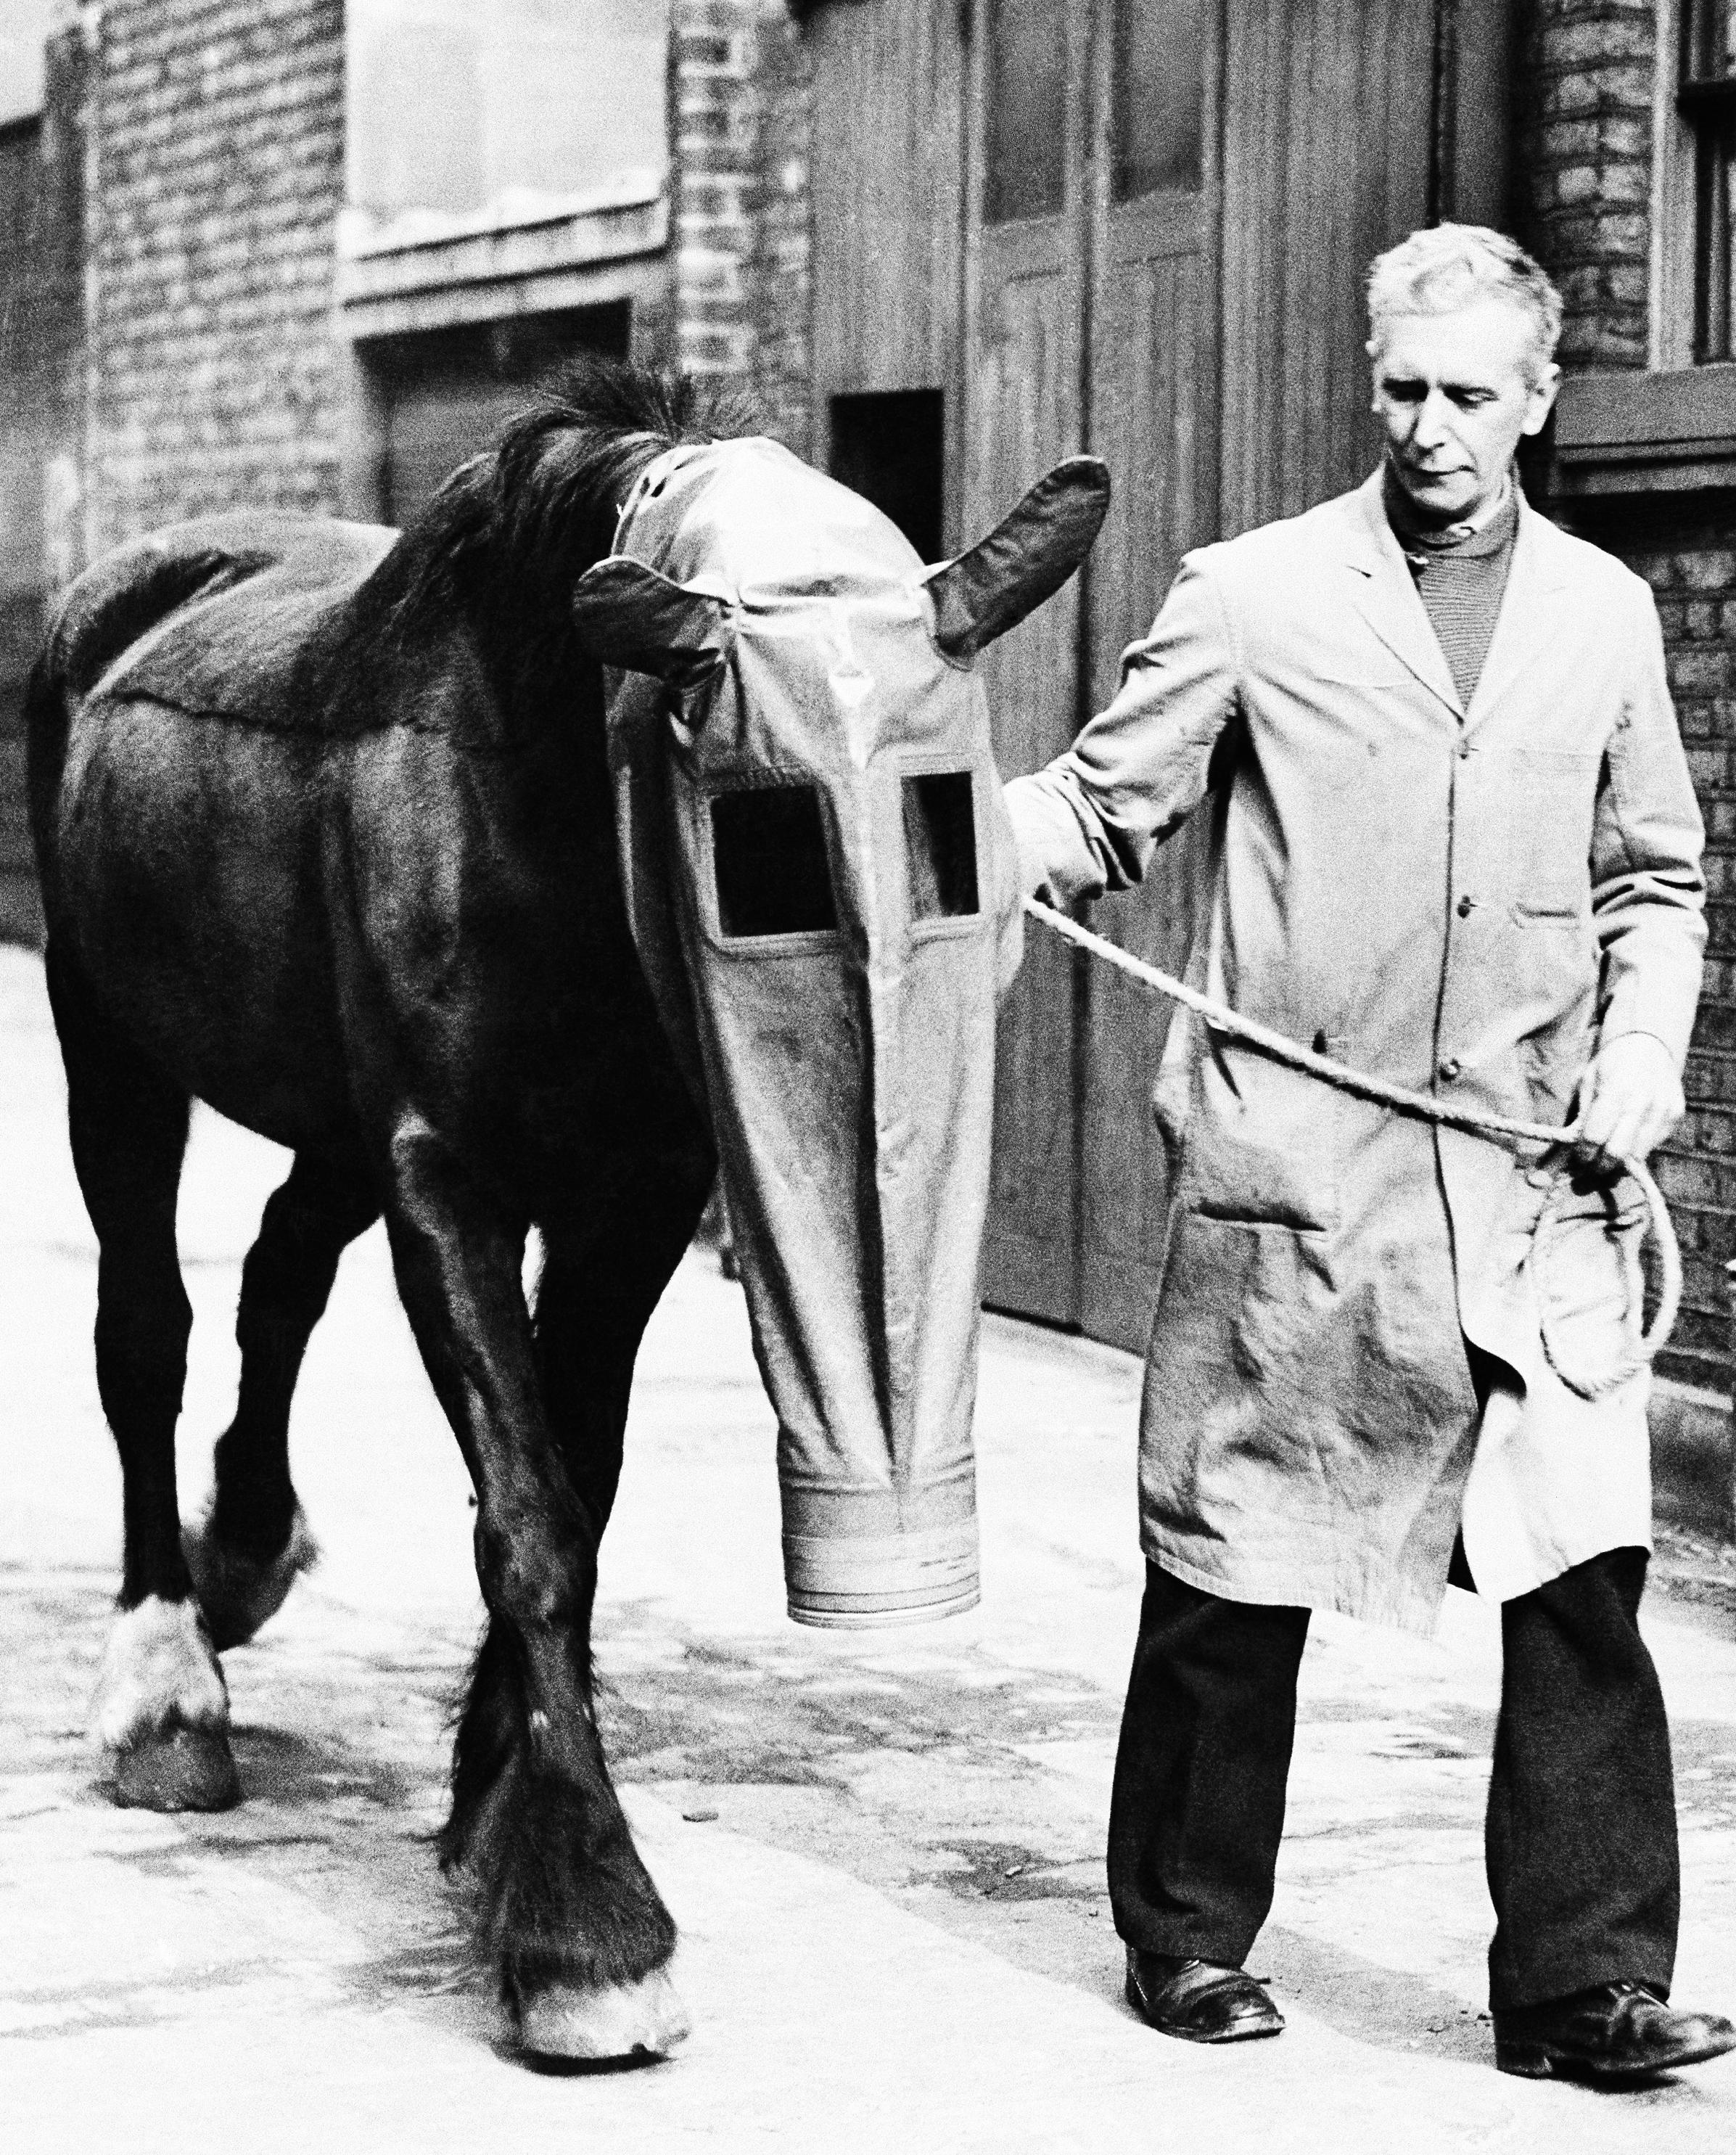 圖3:馬匹也有獨特的防毒面具。(文:許振輝/圖:美聯社、Daily Record)